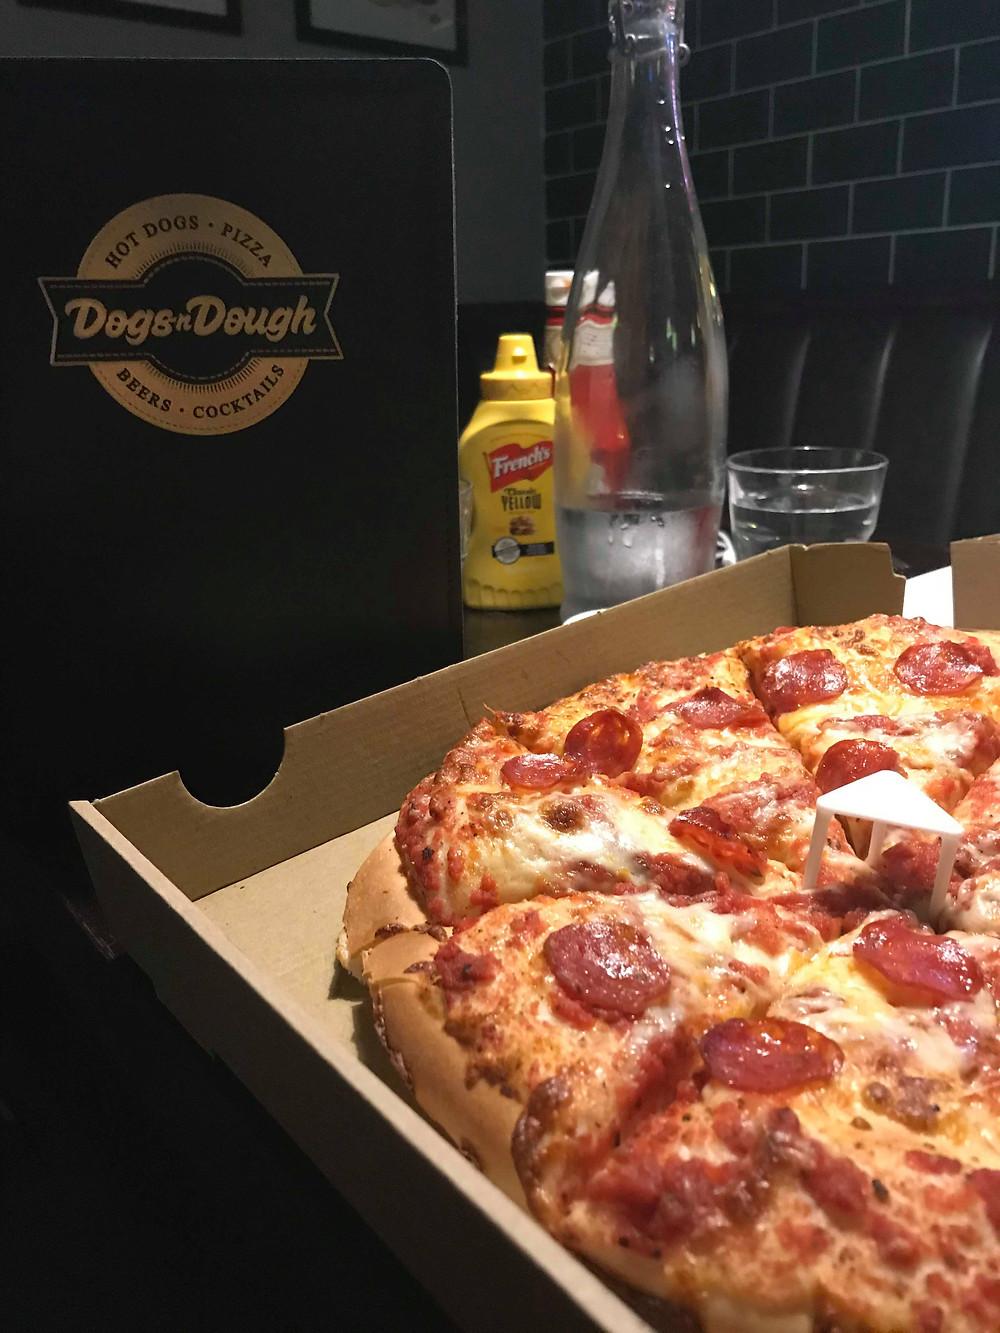 Pepperoni pizza underground bar Manchester UK